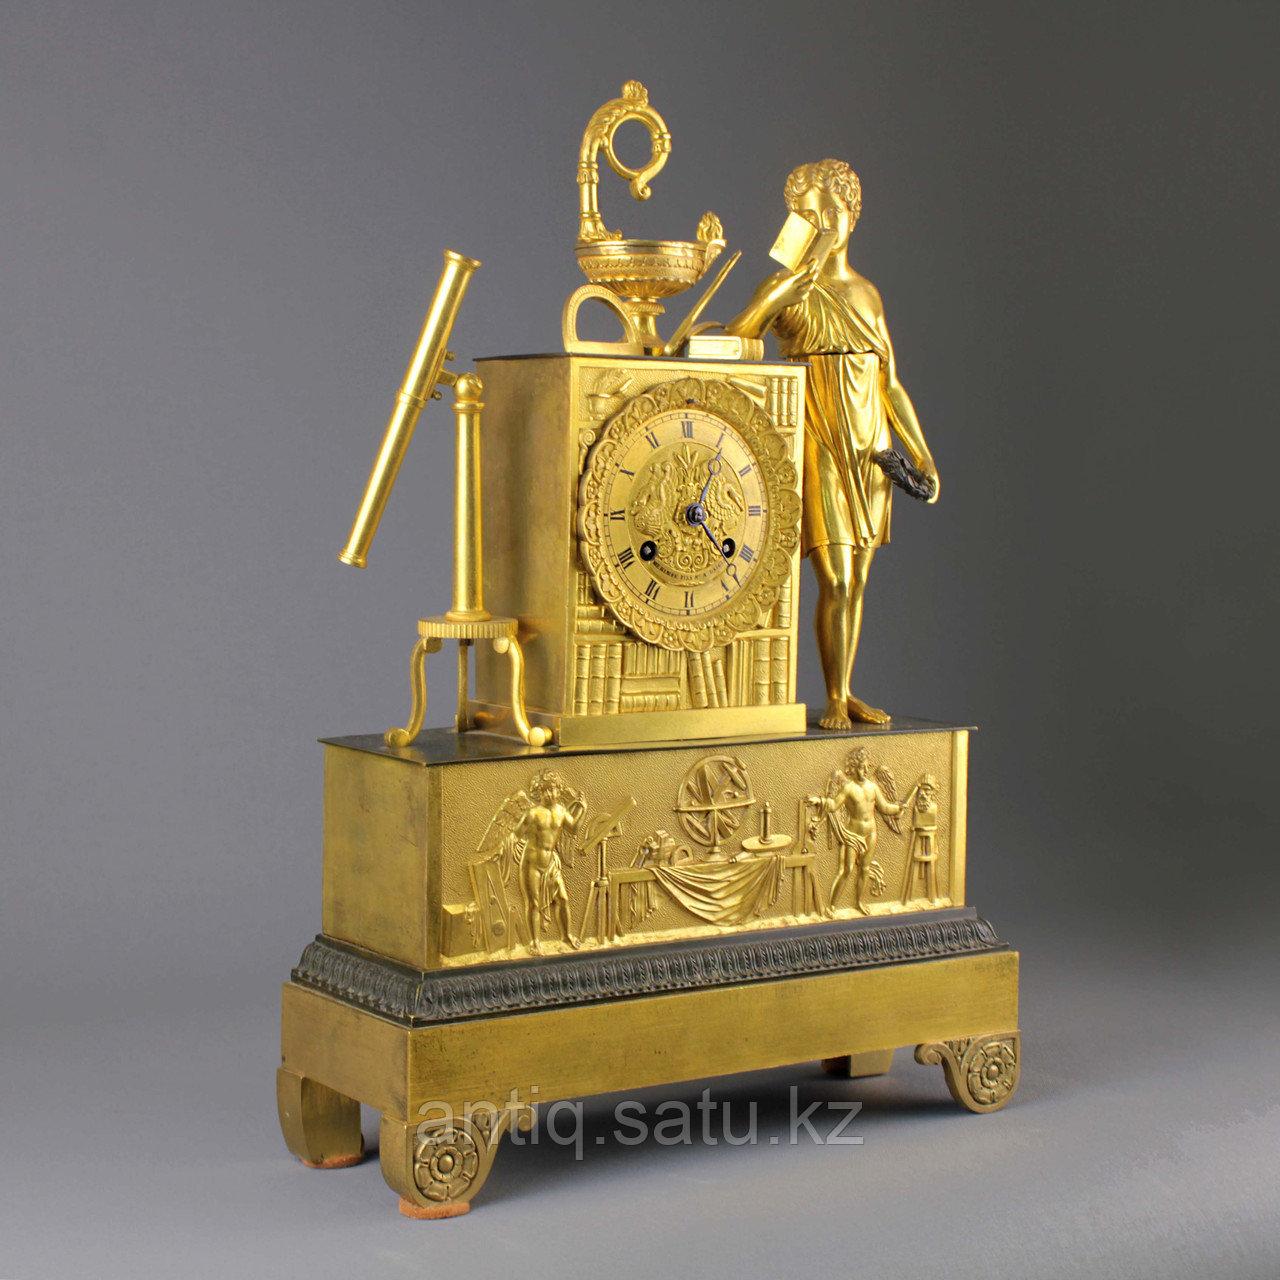 «Аллегория науки» Кабинетные эпохи Ампир. Франция. I половина XIX века - фото 10